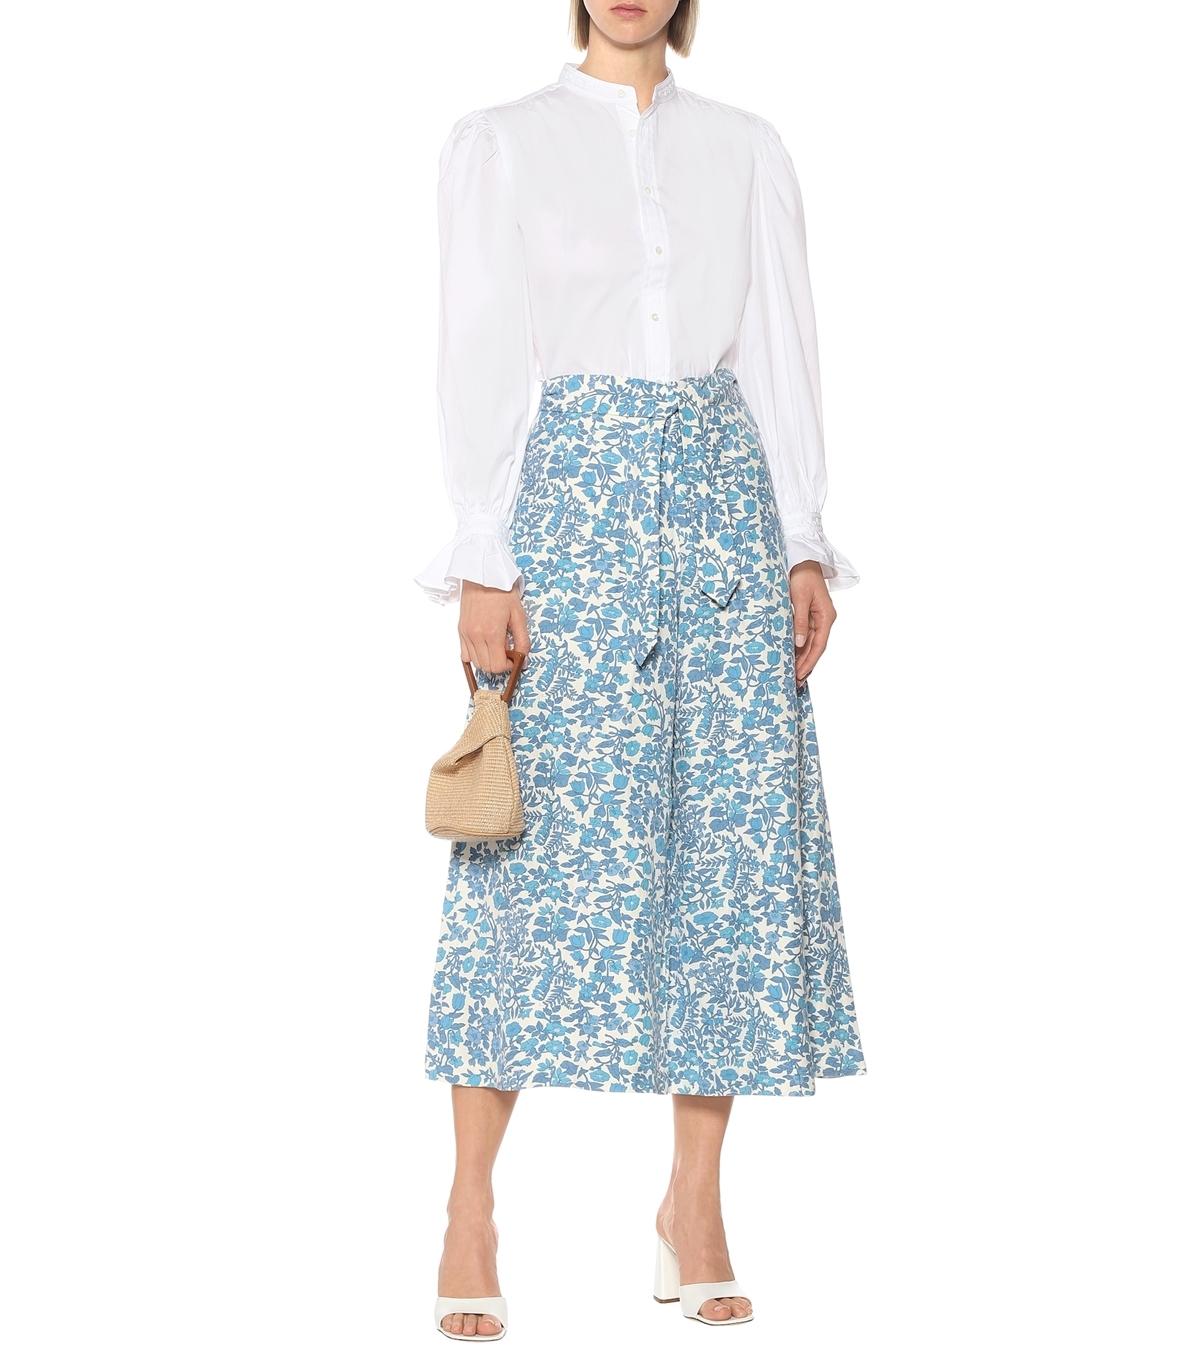 Thương hiệu Polo Ralph Lauren giới thiệu thiết kế ống loe, màu sắc trang nhã cho mùa hè này. Sản phẩm làm từ lụa pha vải lanh, cotton, giá 318AUD (gần 4,9 triệu).